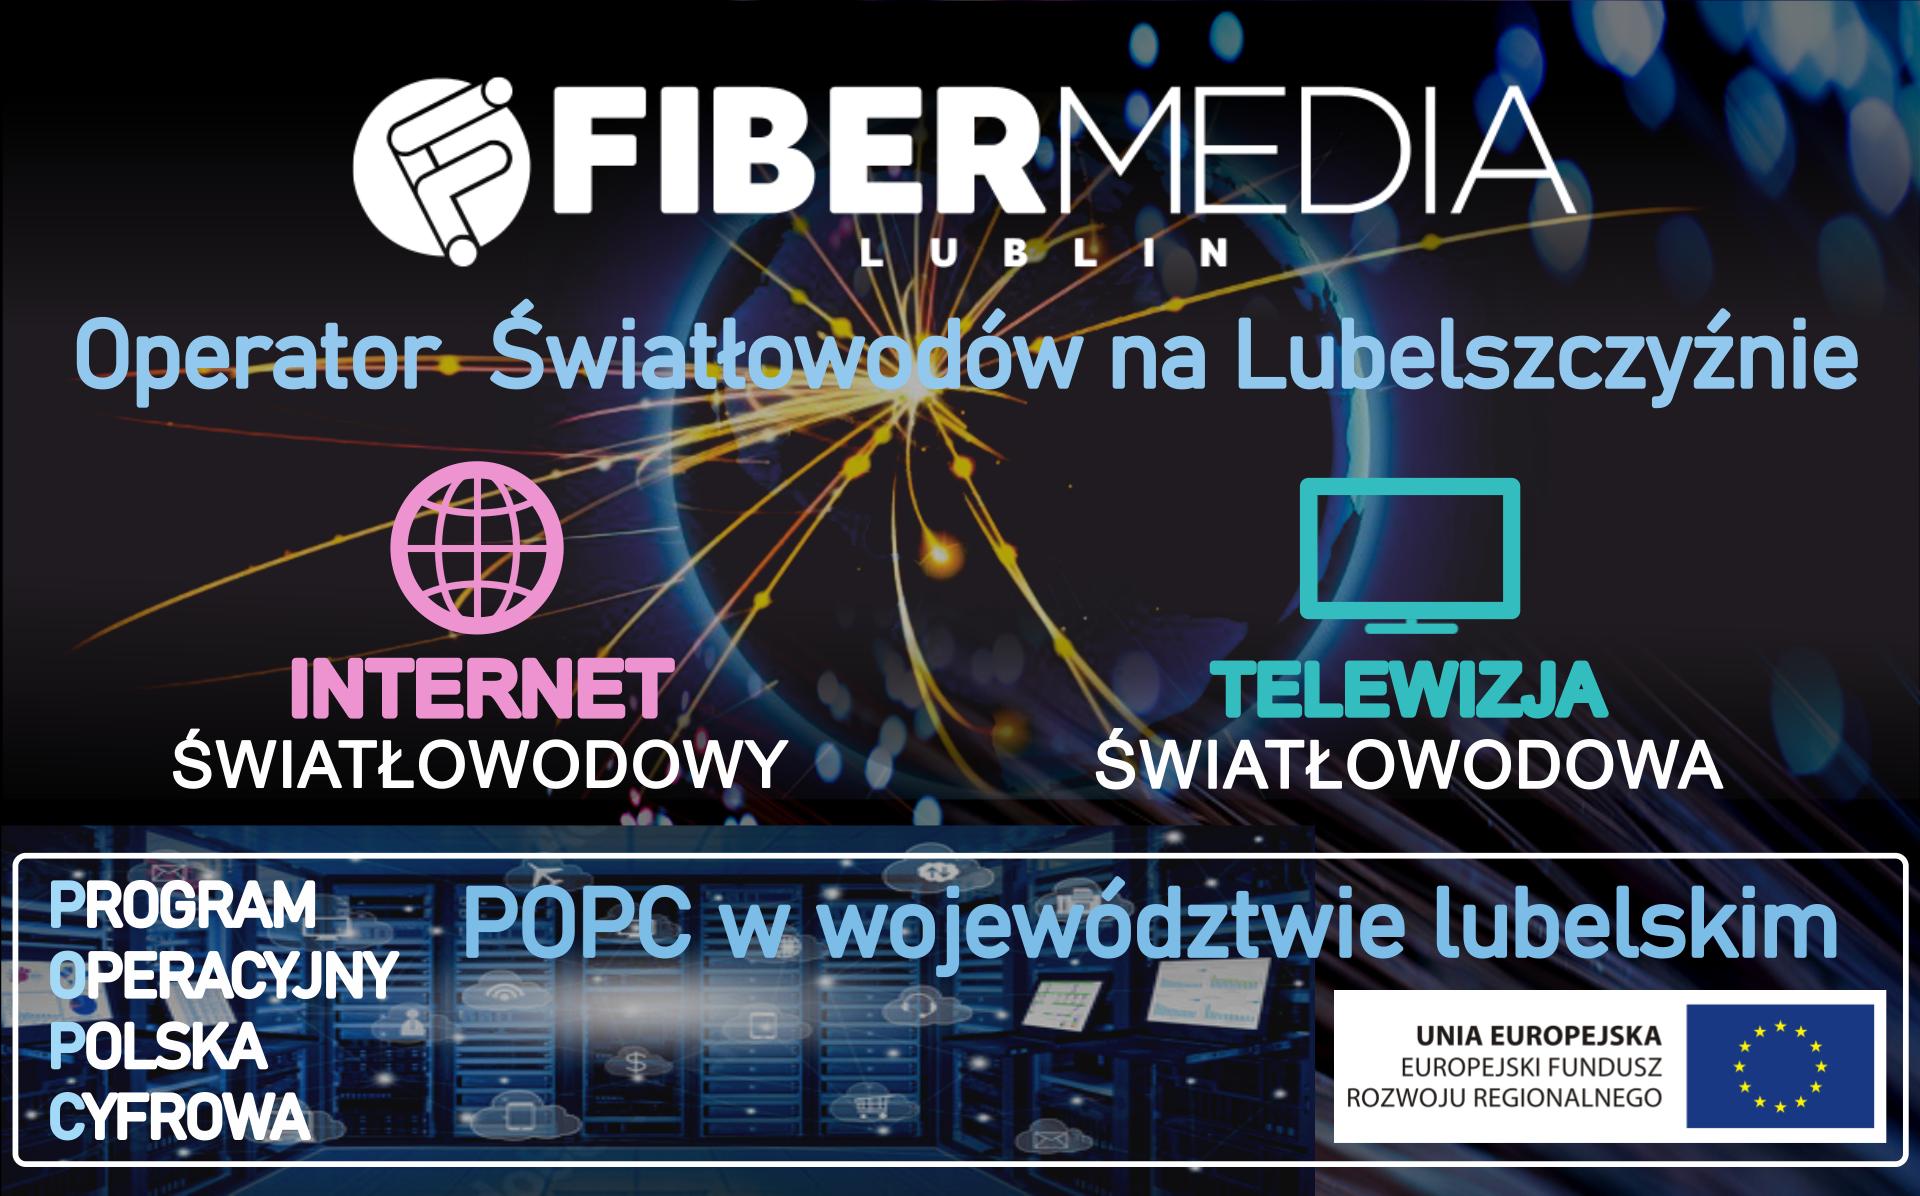 FIBER MEDIA Lublin - debiutant roku czy doświadczony operator? - Zdjęcie główne